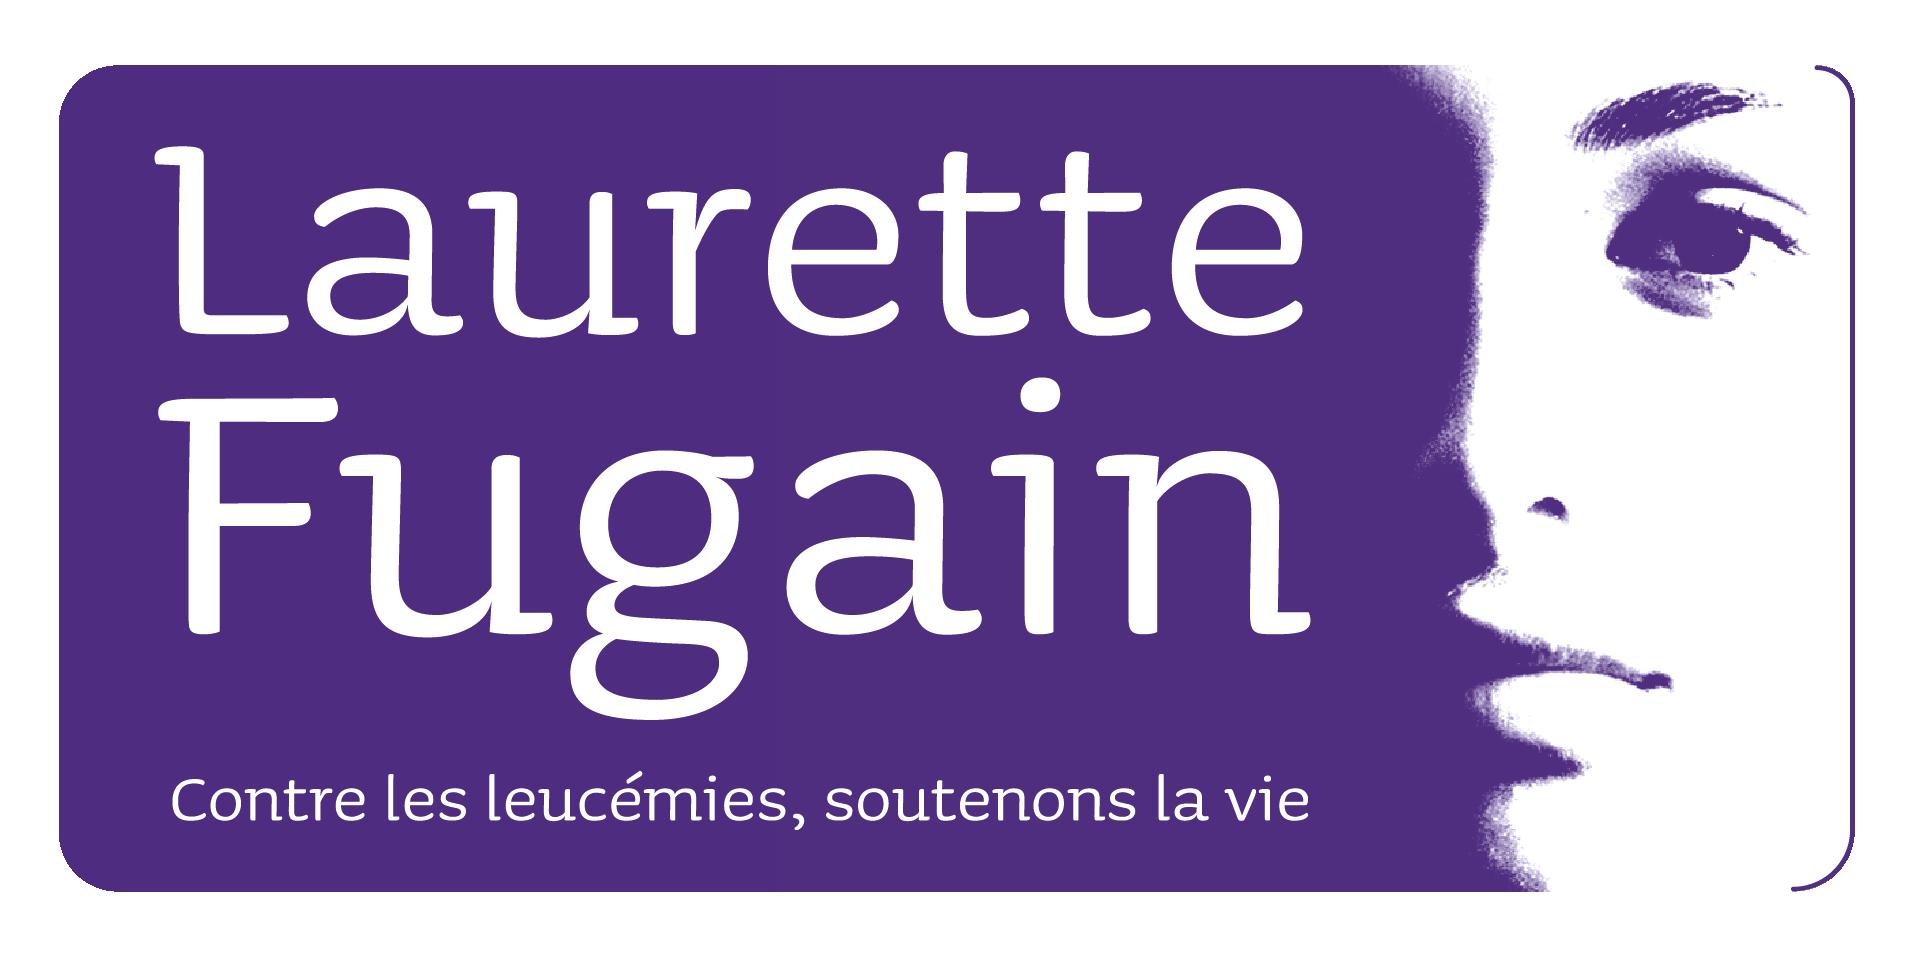 Lille/Lyon/Toulouse/Bordeaux/Nice - Agir avec Laurette Fugain